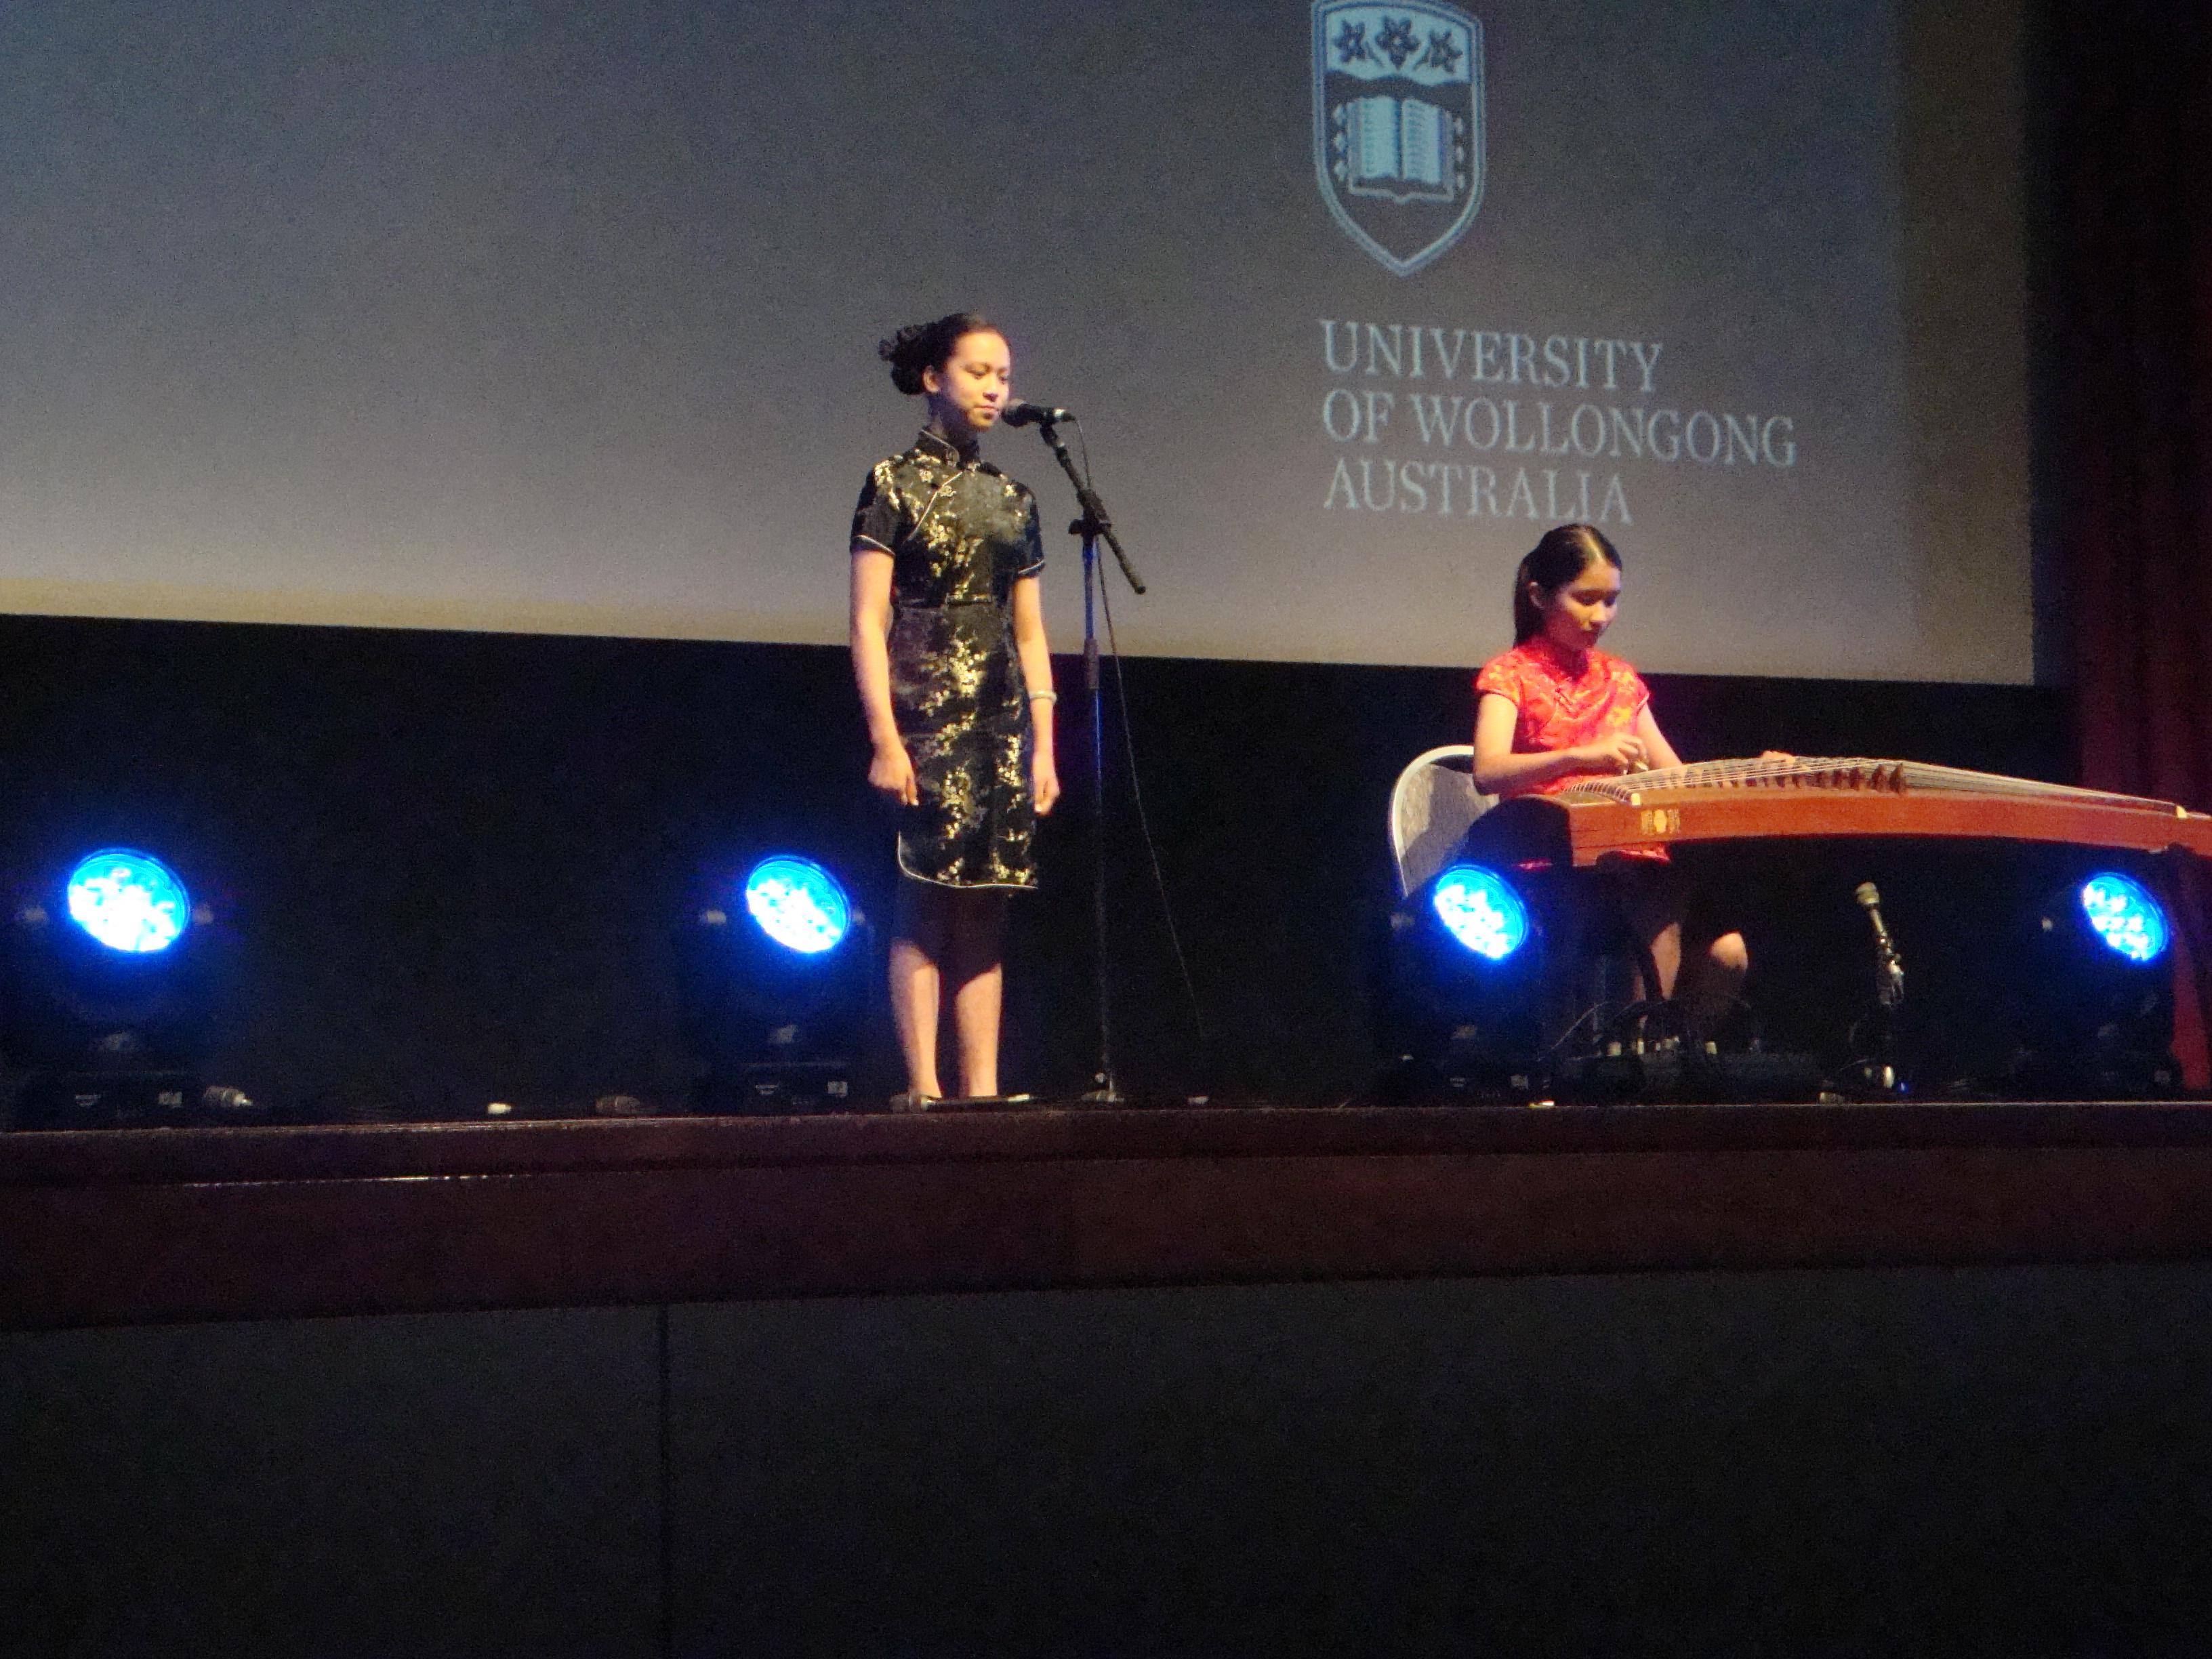 Xia Lian Wilson and Shin Yi Au Yeong performing Mo Li Hua (Jasmine Flower)